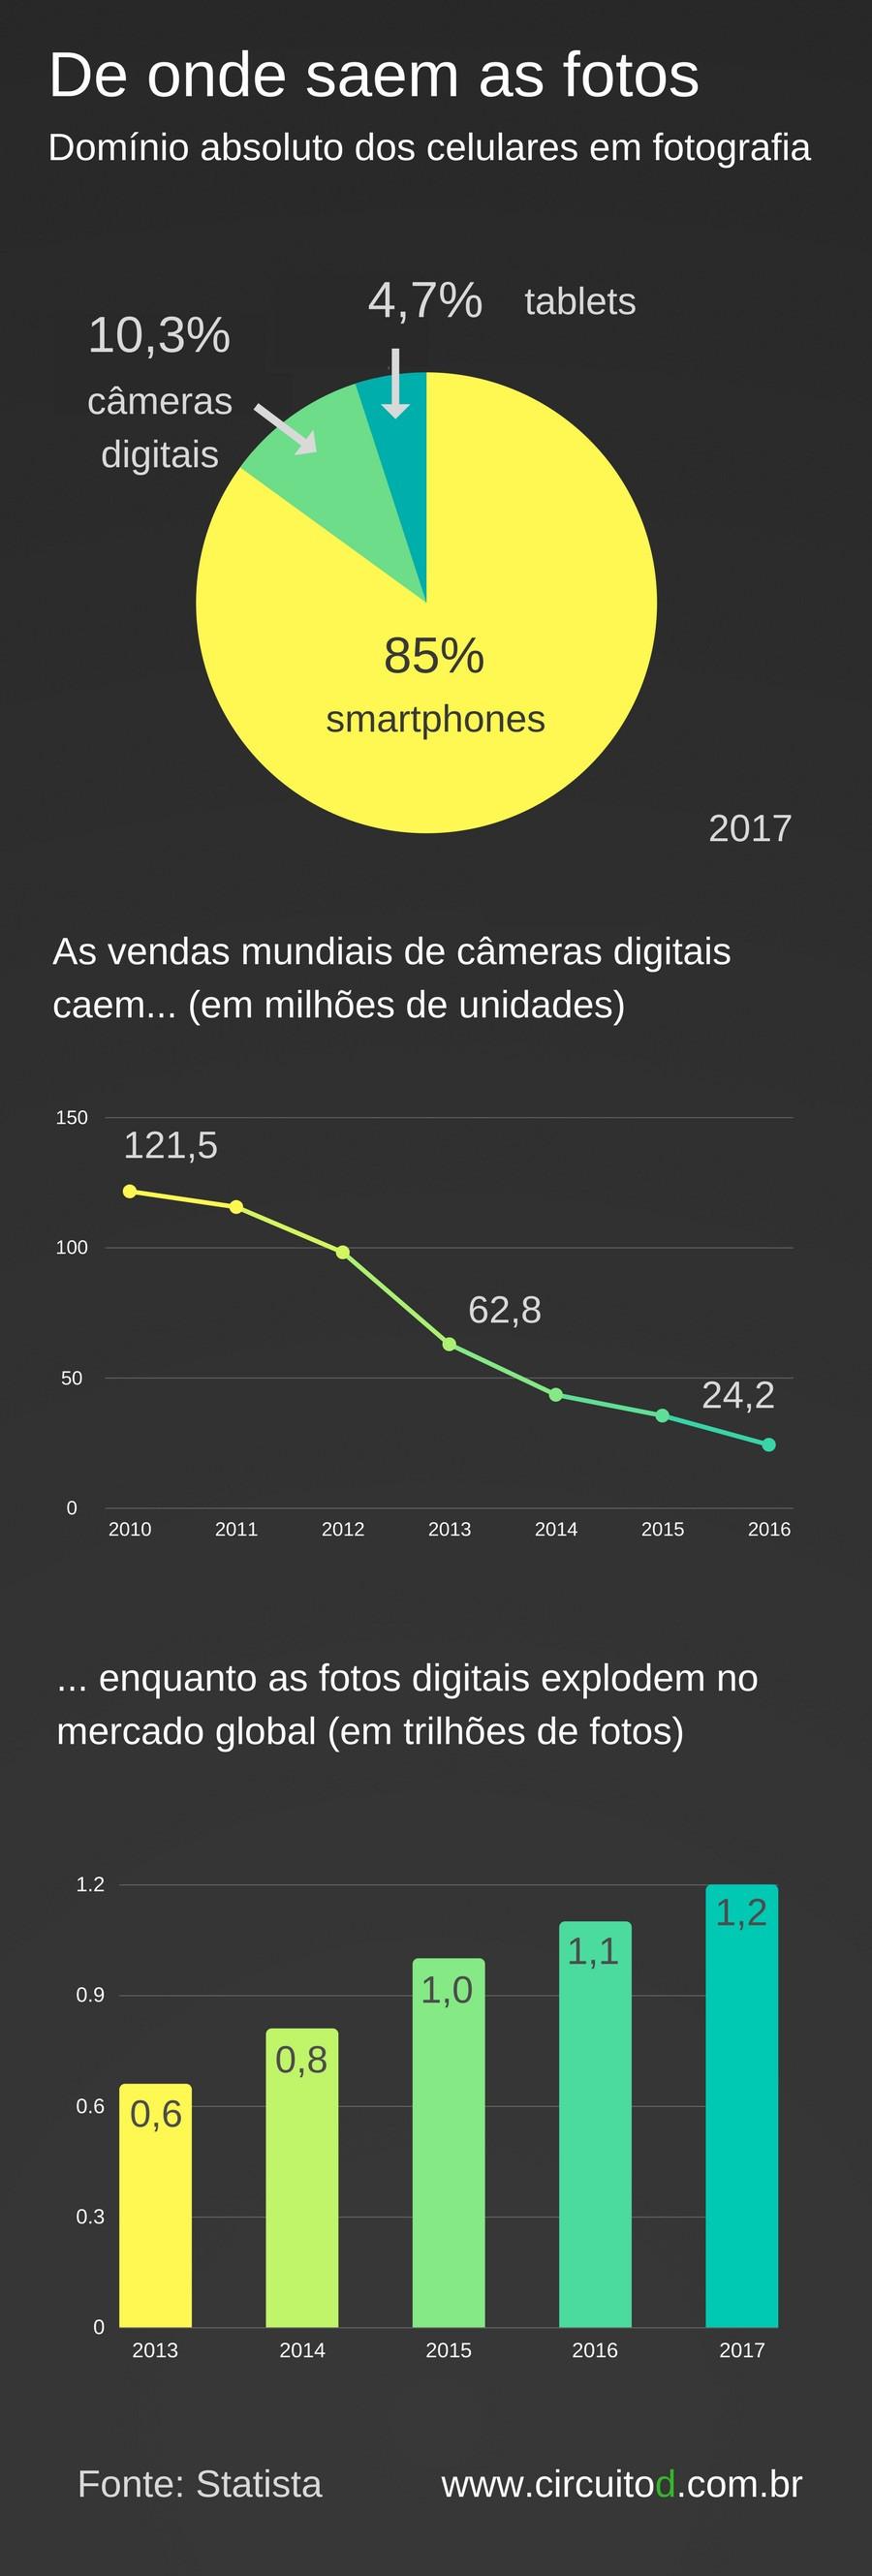 Infográfico com dados sobre fotos digitais